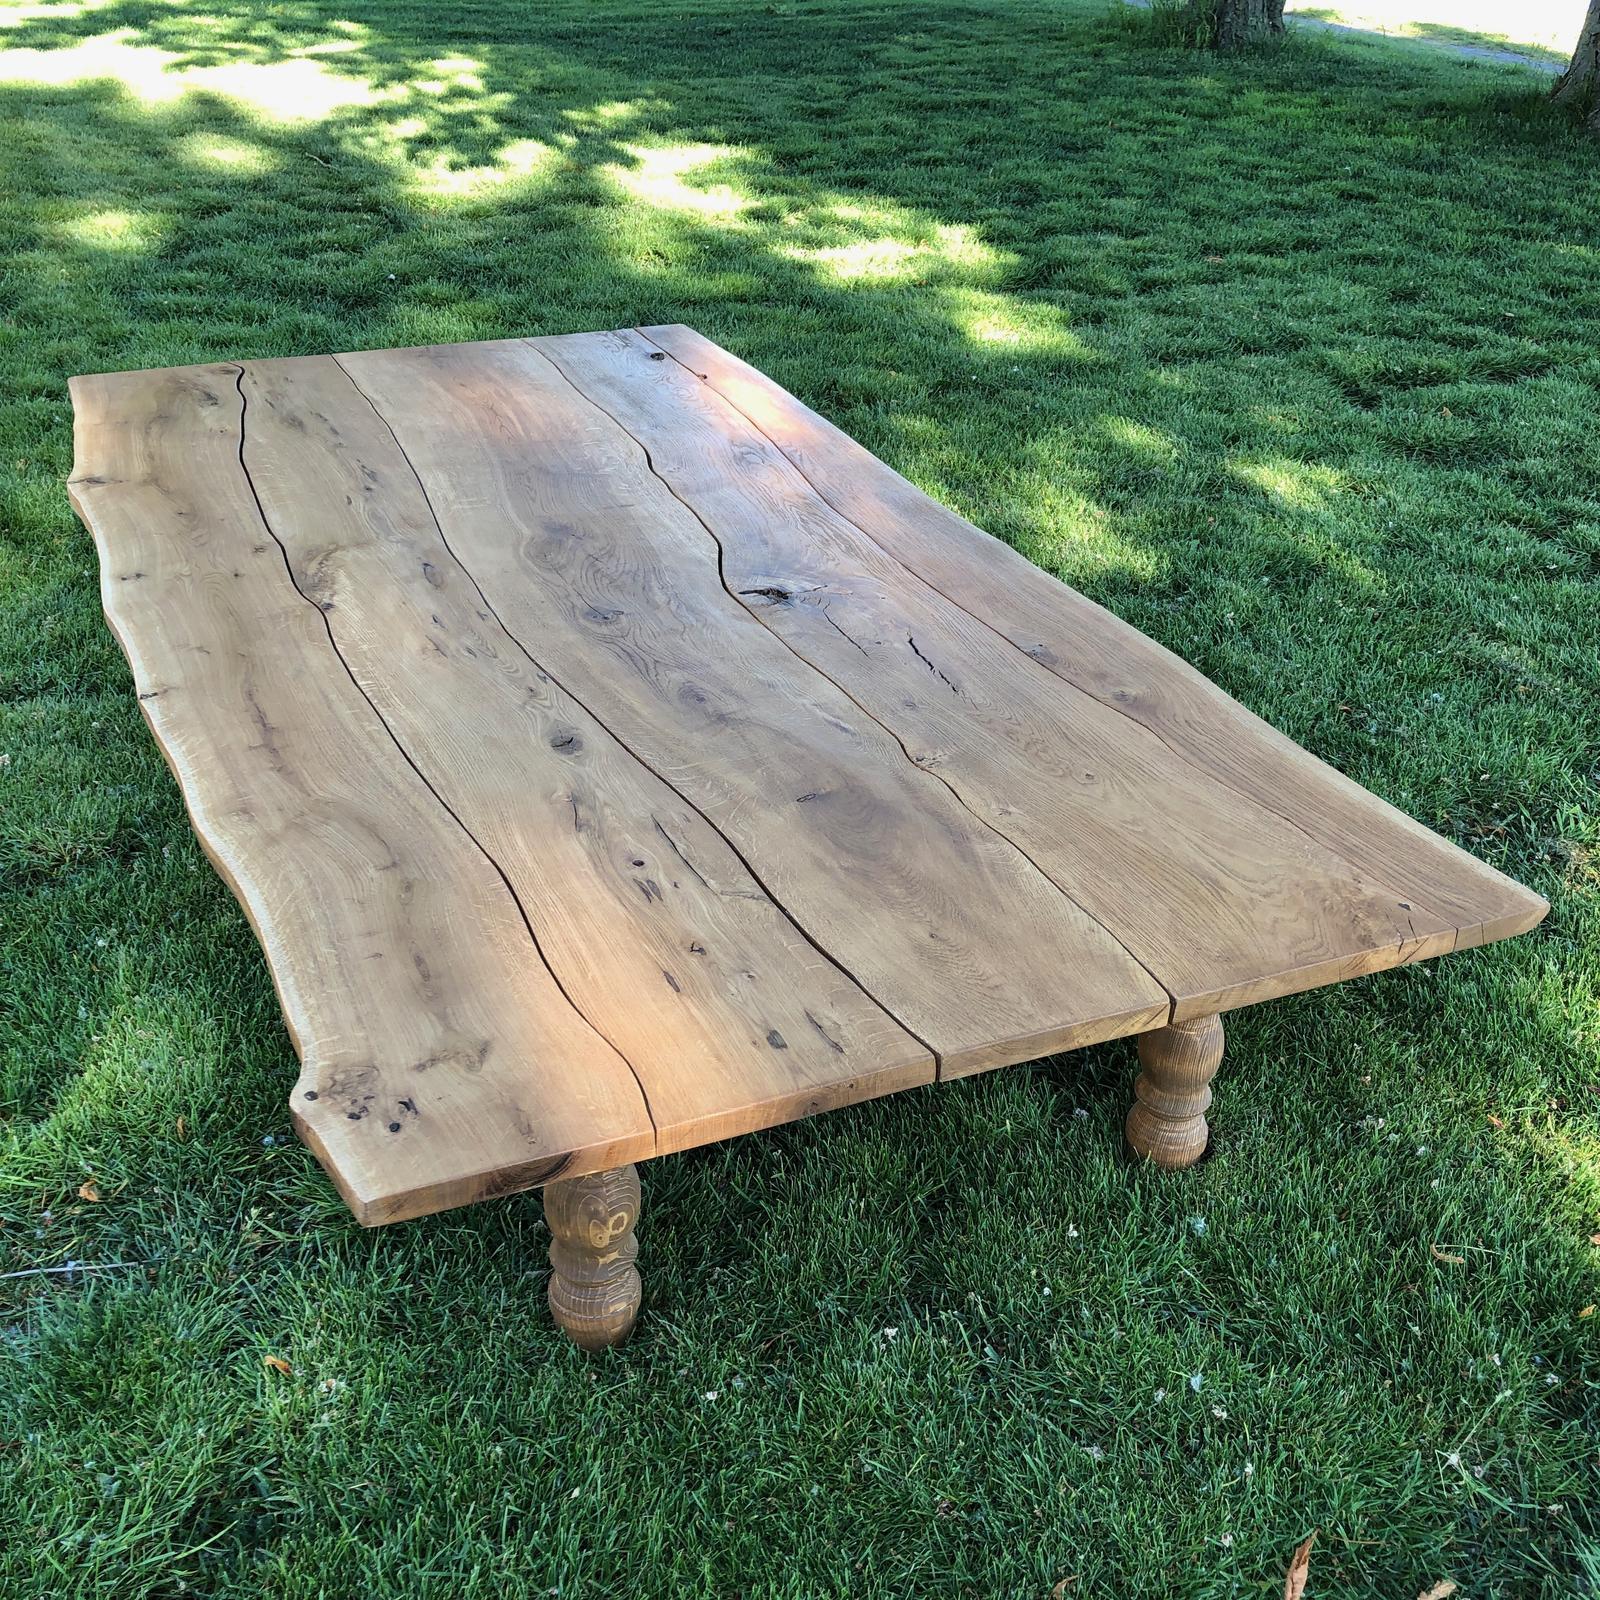 Novinka v našej ponuke - boho stoly na prenájom :-) - Obrázok č. 1